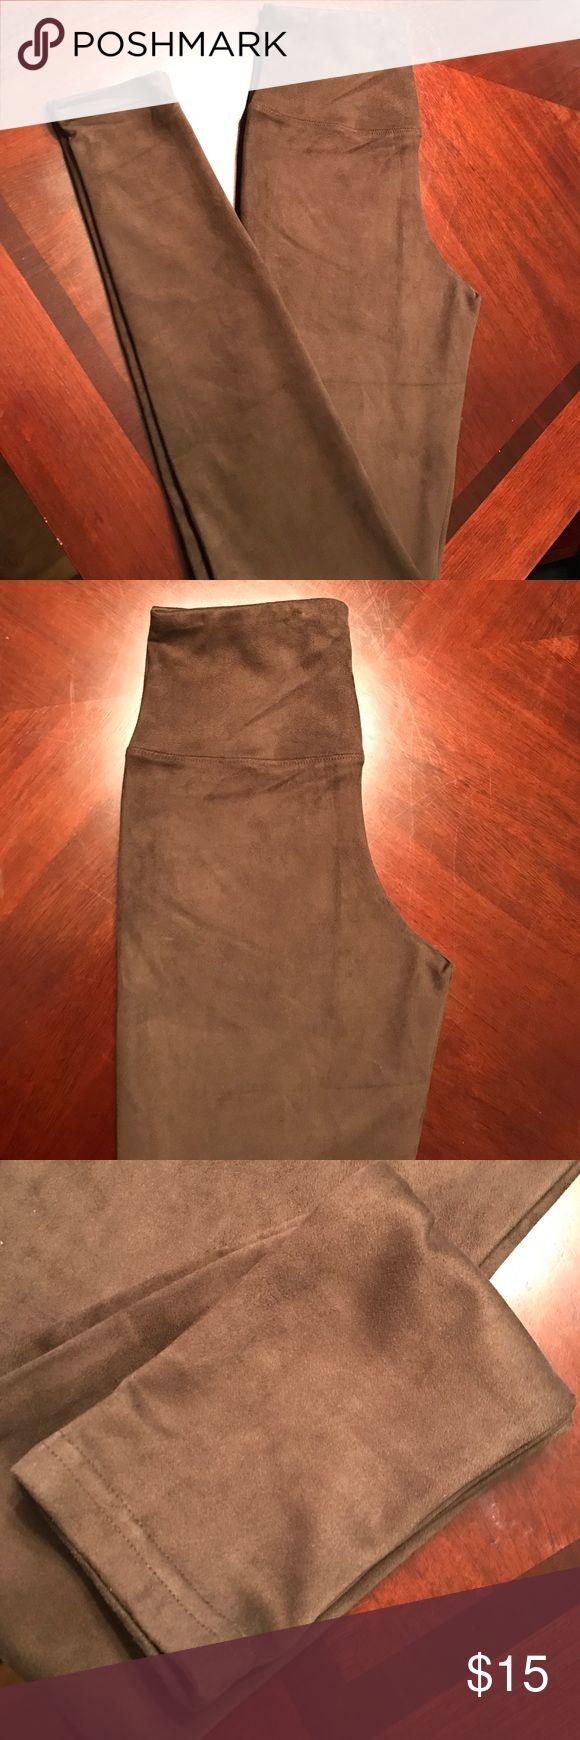 Brown Suede leggings Suede leggings | Brown  | size S/M | new with tags Rue 21 Pants Leggings